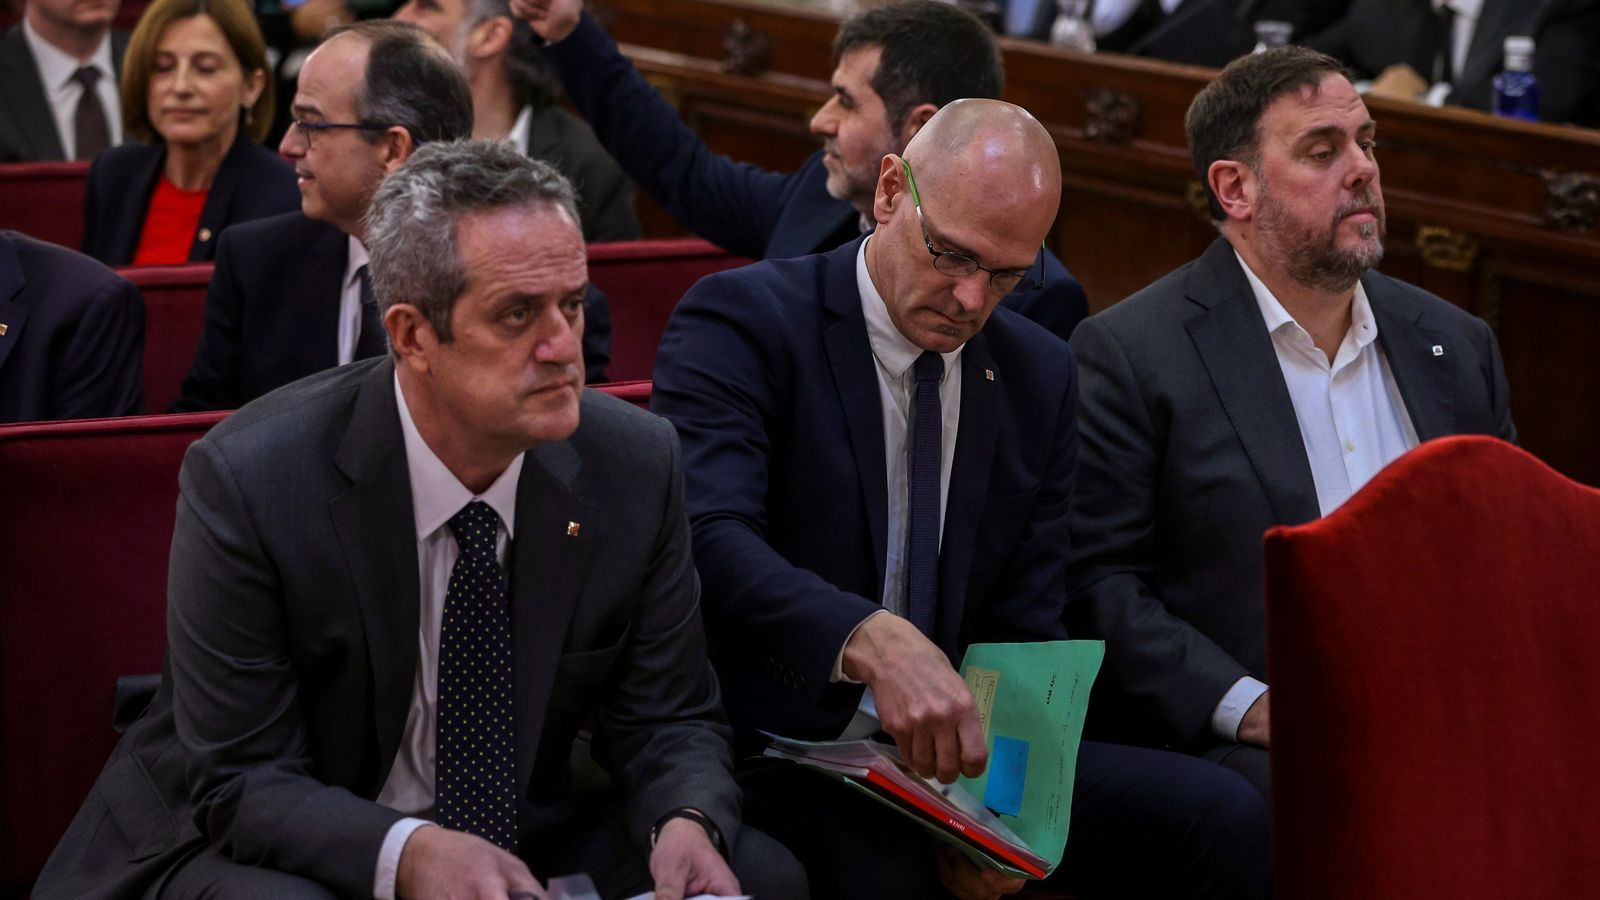 Les diferències estratègiques de les defenses afloren en l'arrencada de les declaracions de Junqueras i Forn / EFE